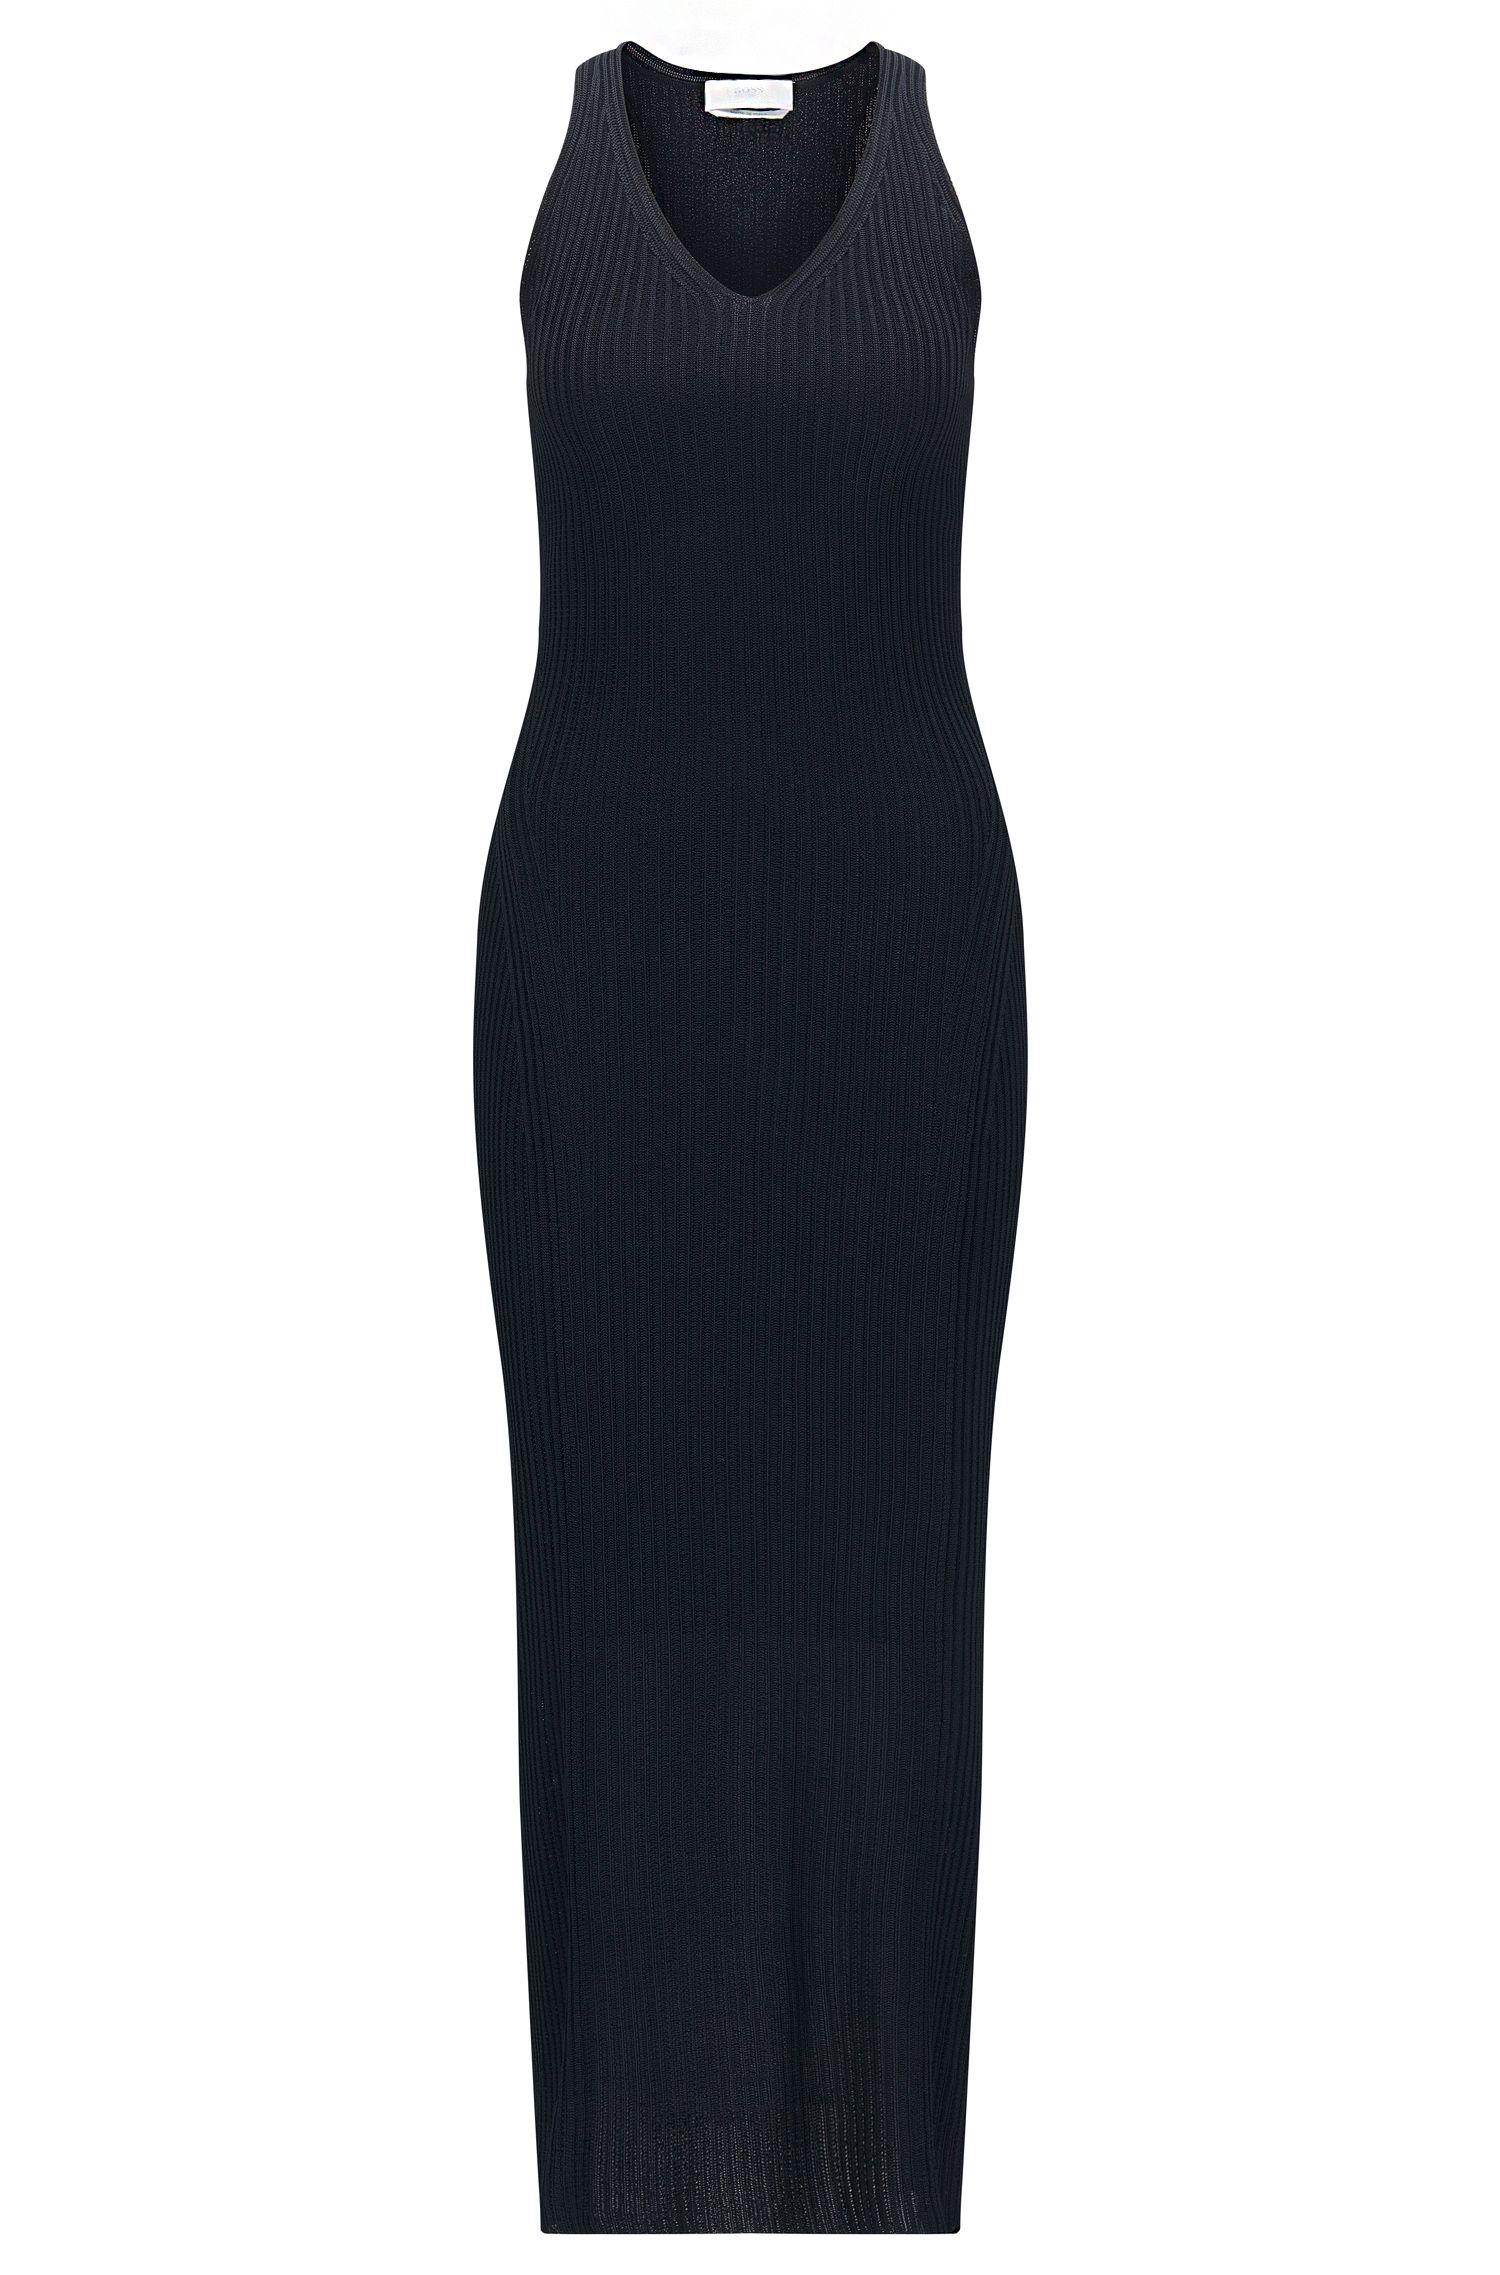 'FS_Firuza' | Ribbed Knit Sheath Dress